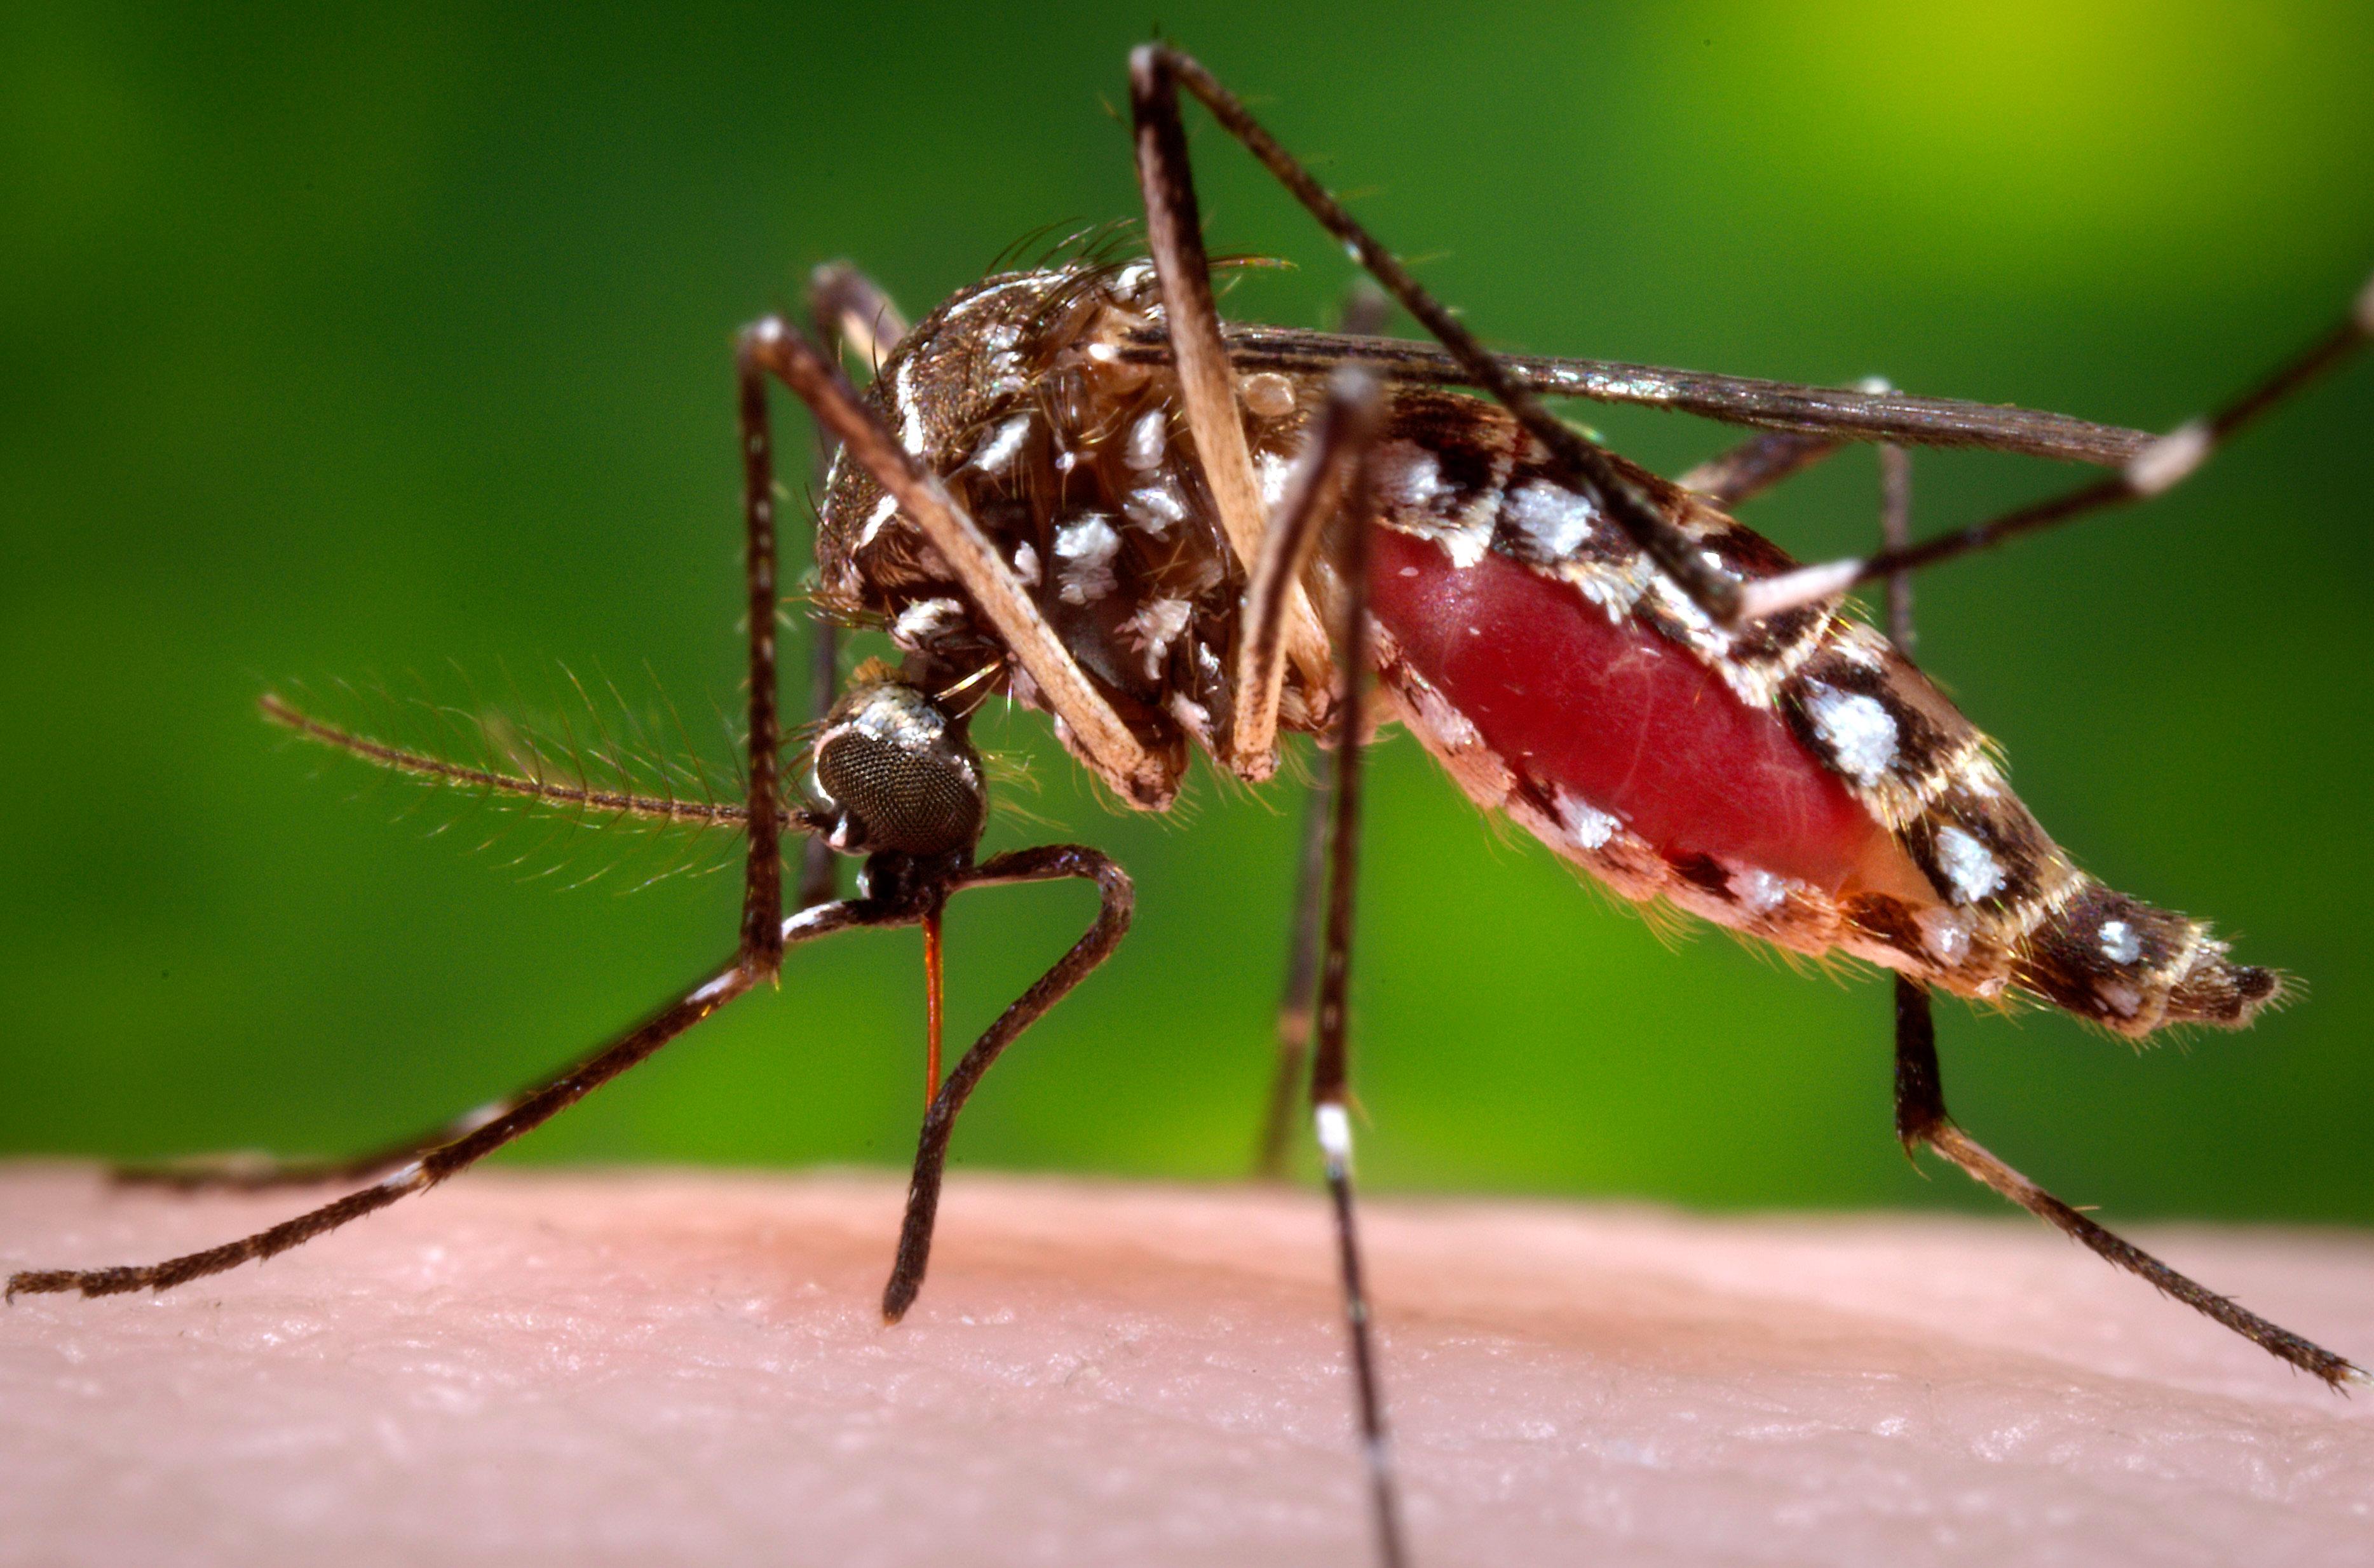 Zika & Mosquito-borne Viruses Video